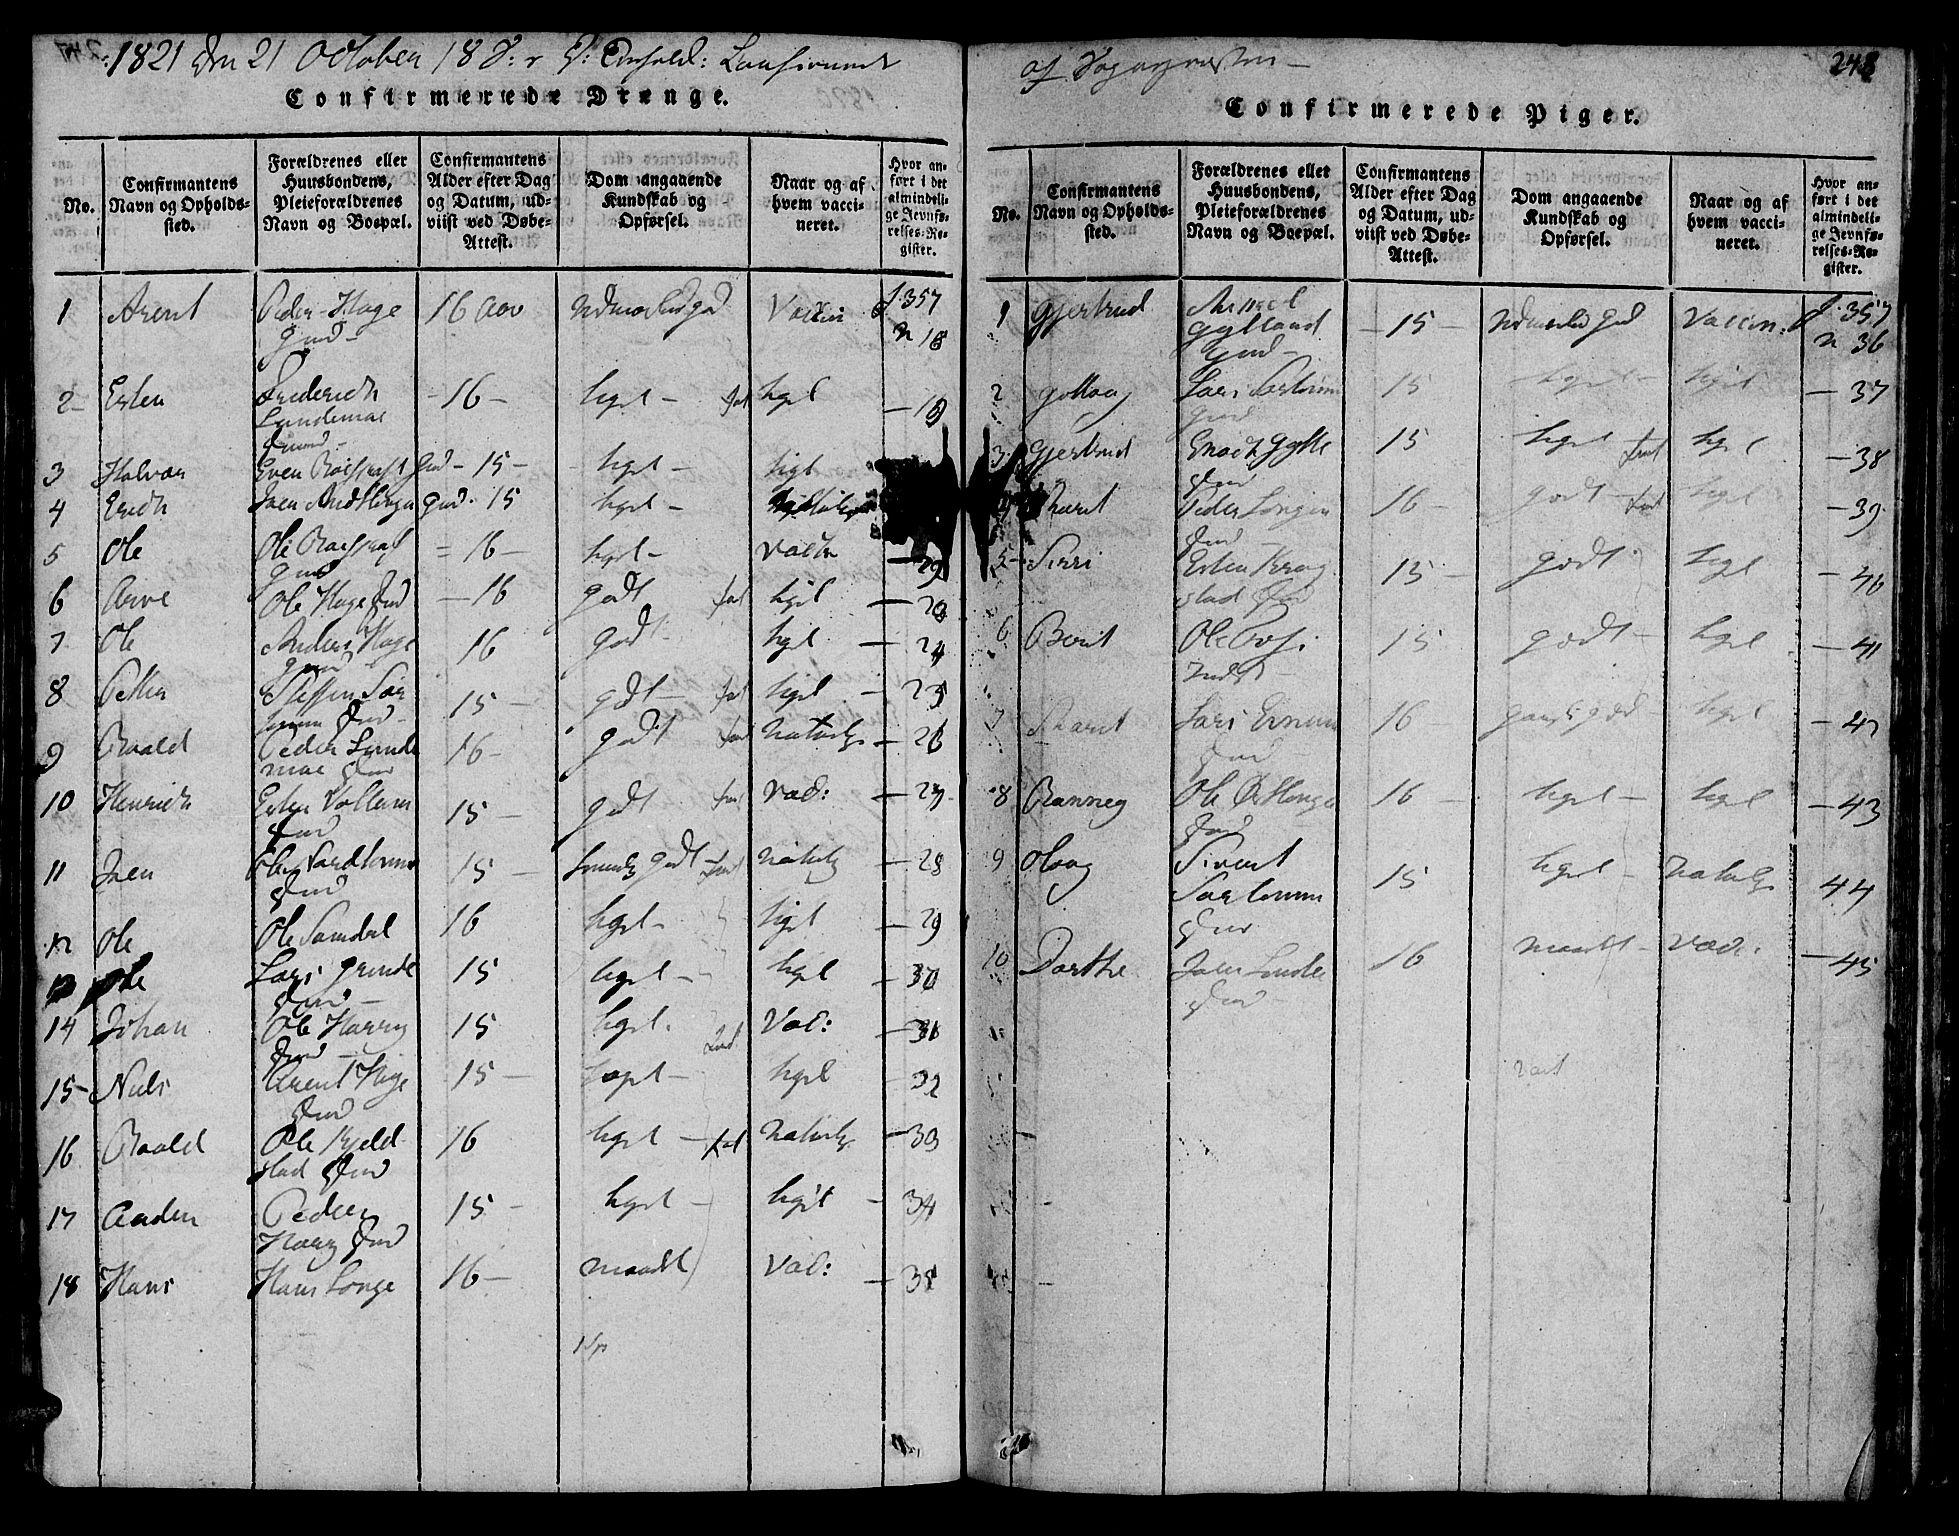 SAT, Ministerialprotokoller, klokkerbøker og fødselsregistre - Sør-Trøndelag, 692/L1102: Ministerialbok nr. 692A02, 1816-1842, s. 248